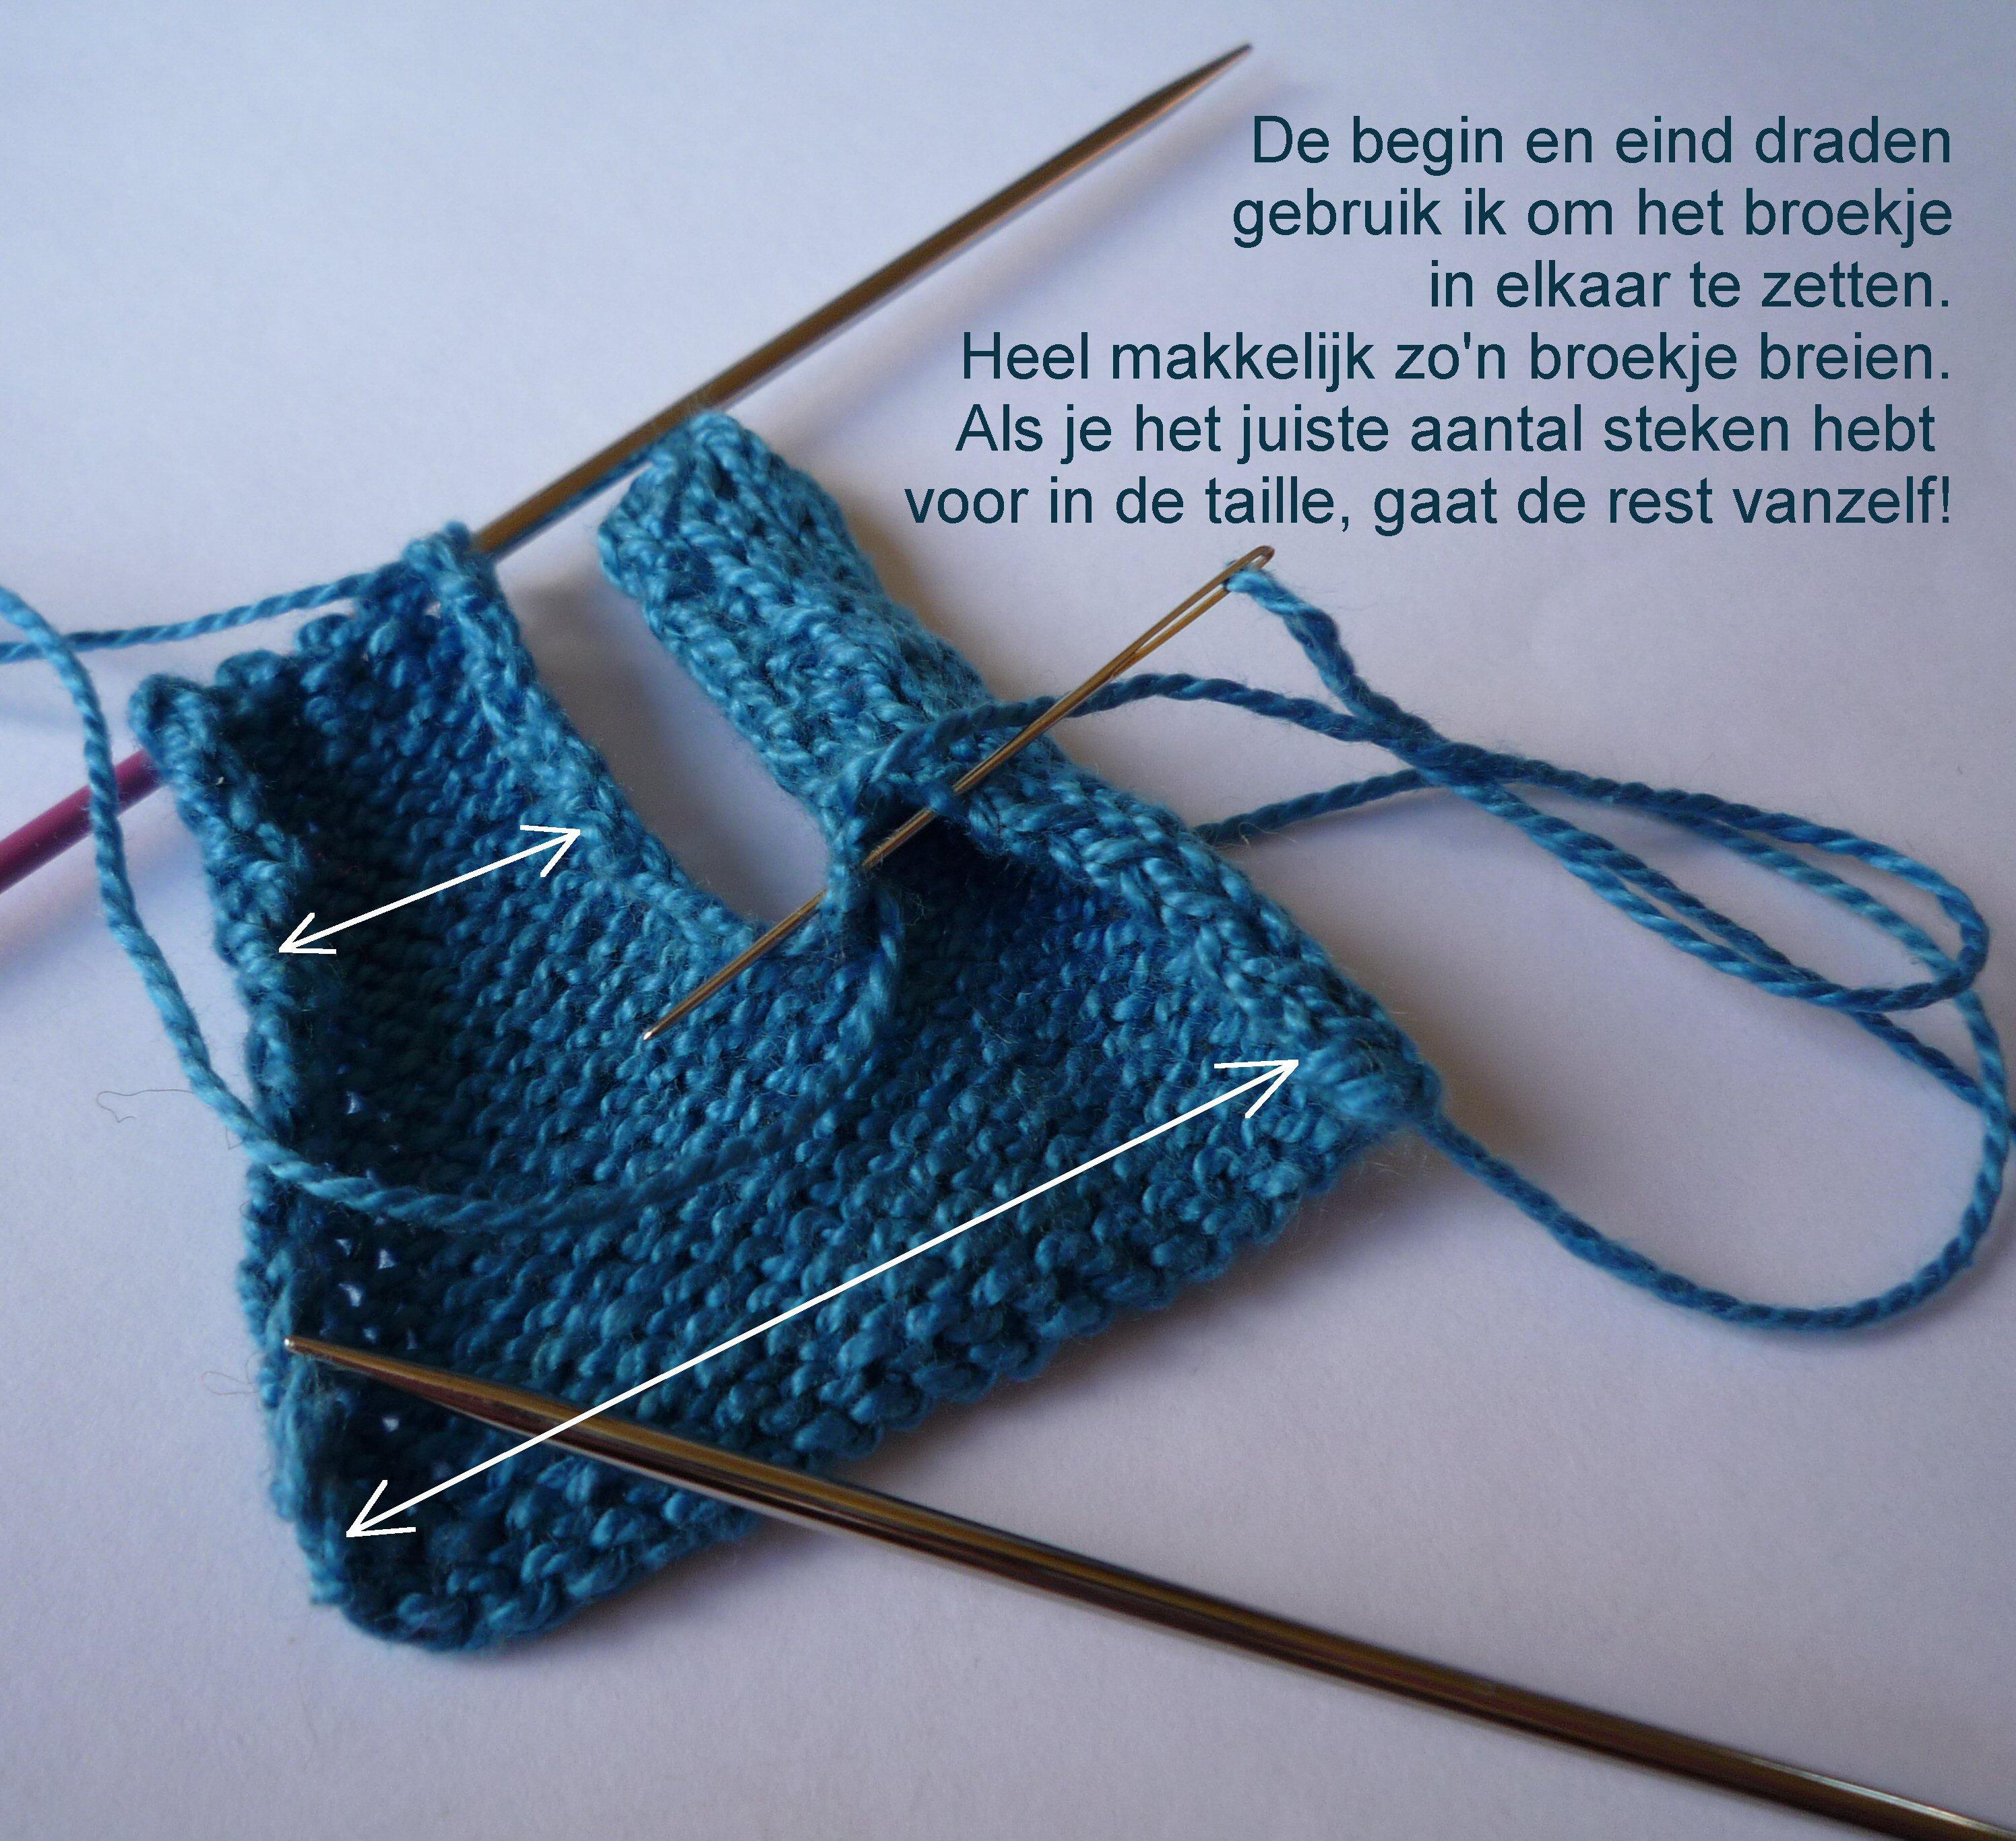 https://welkepopisdat.nl/afbeeldingen-Forum/DurvinaFotos/Mini%20kleertjes%20(23).JPG